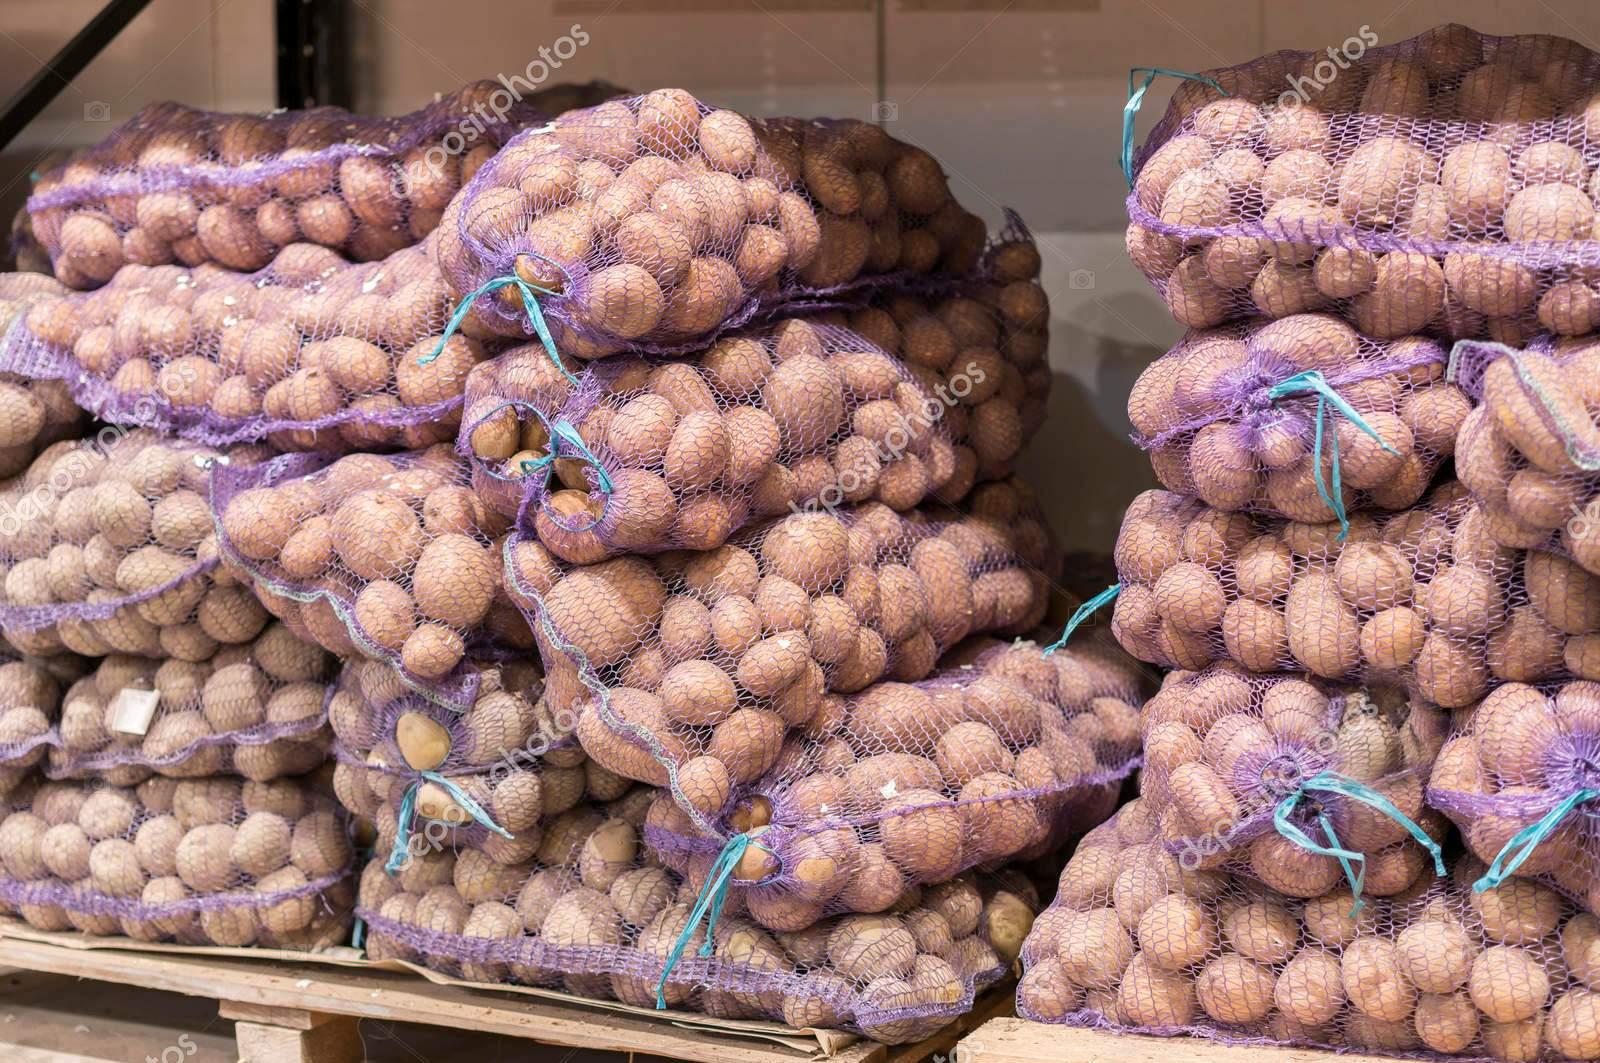 Упаковка для ваших овощей и фруктов в ассортименте недорого продажа в Полтавской области